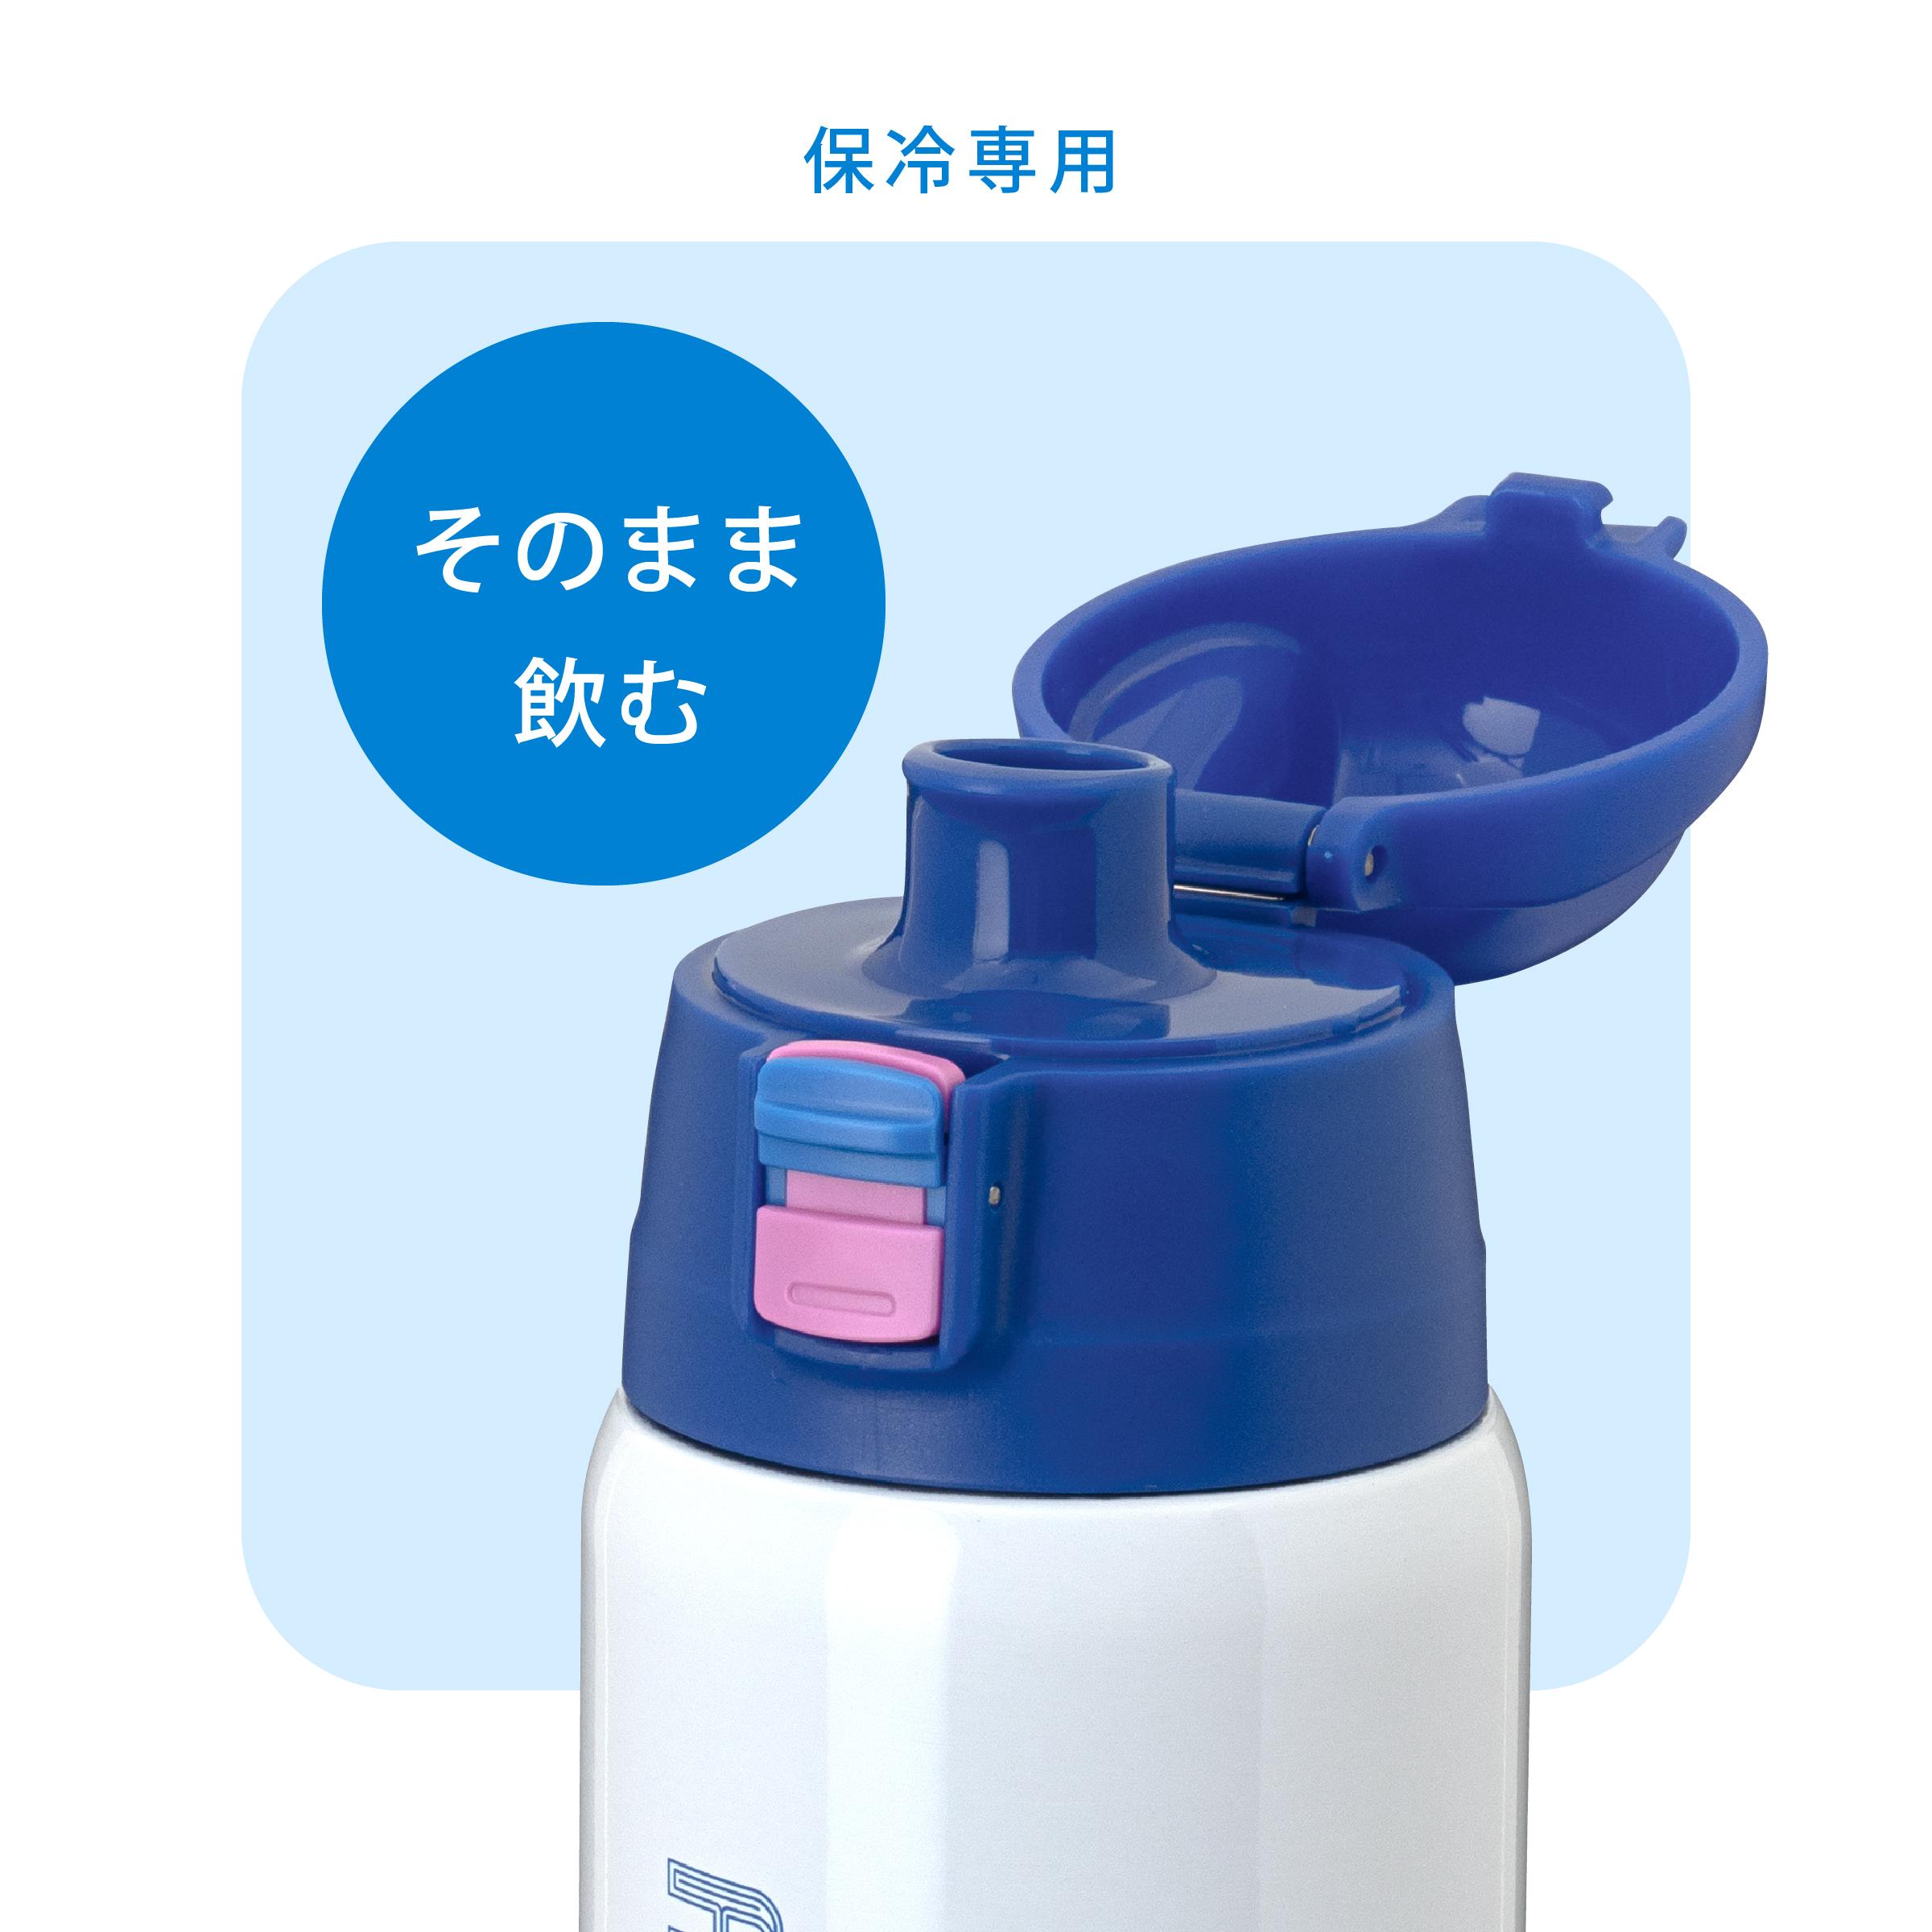 Aquage 2Wayボトル 800ml ブルー image03